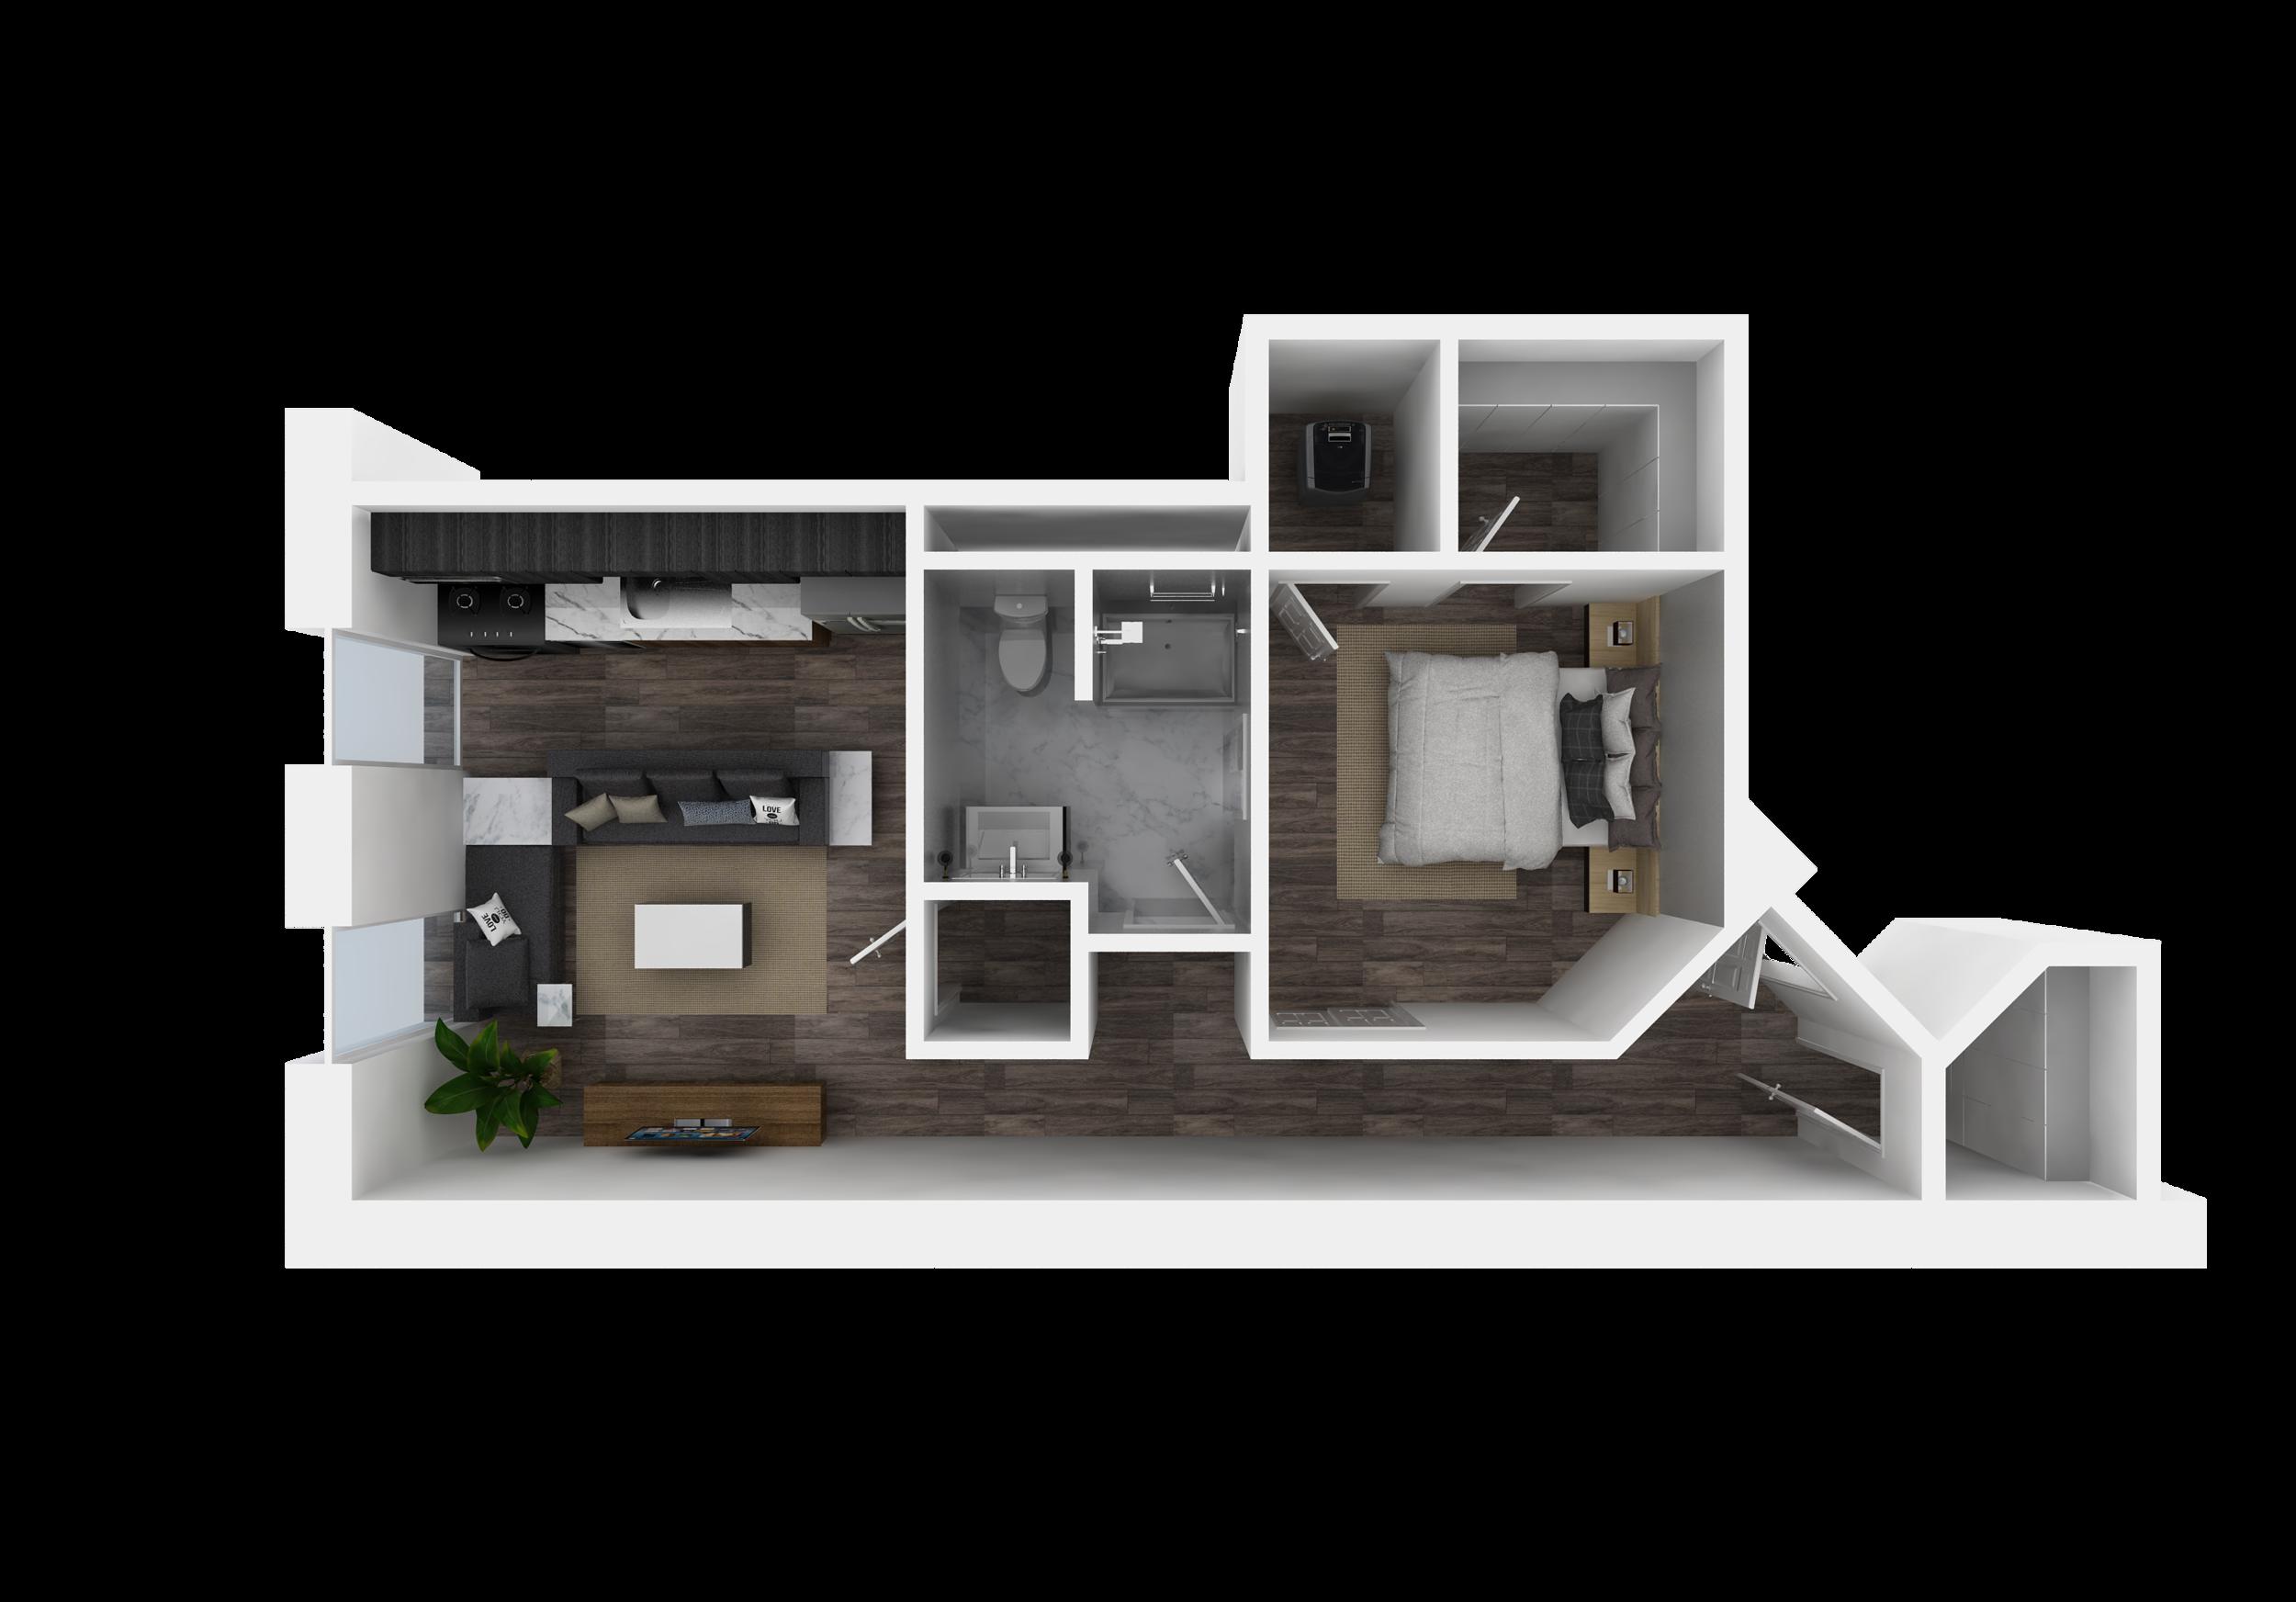 S124-Typica unit type 5 plans floor 2-5-Scene 1.0000.png